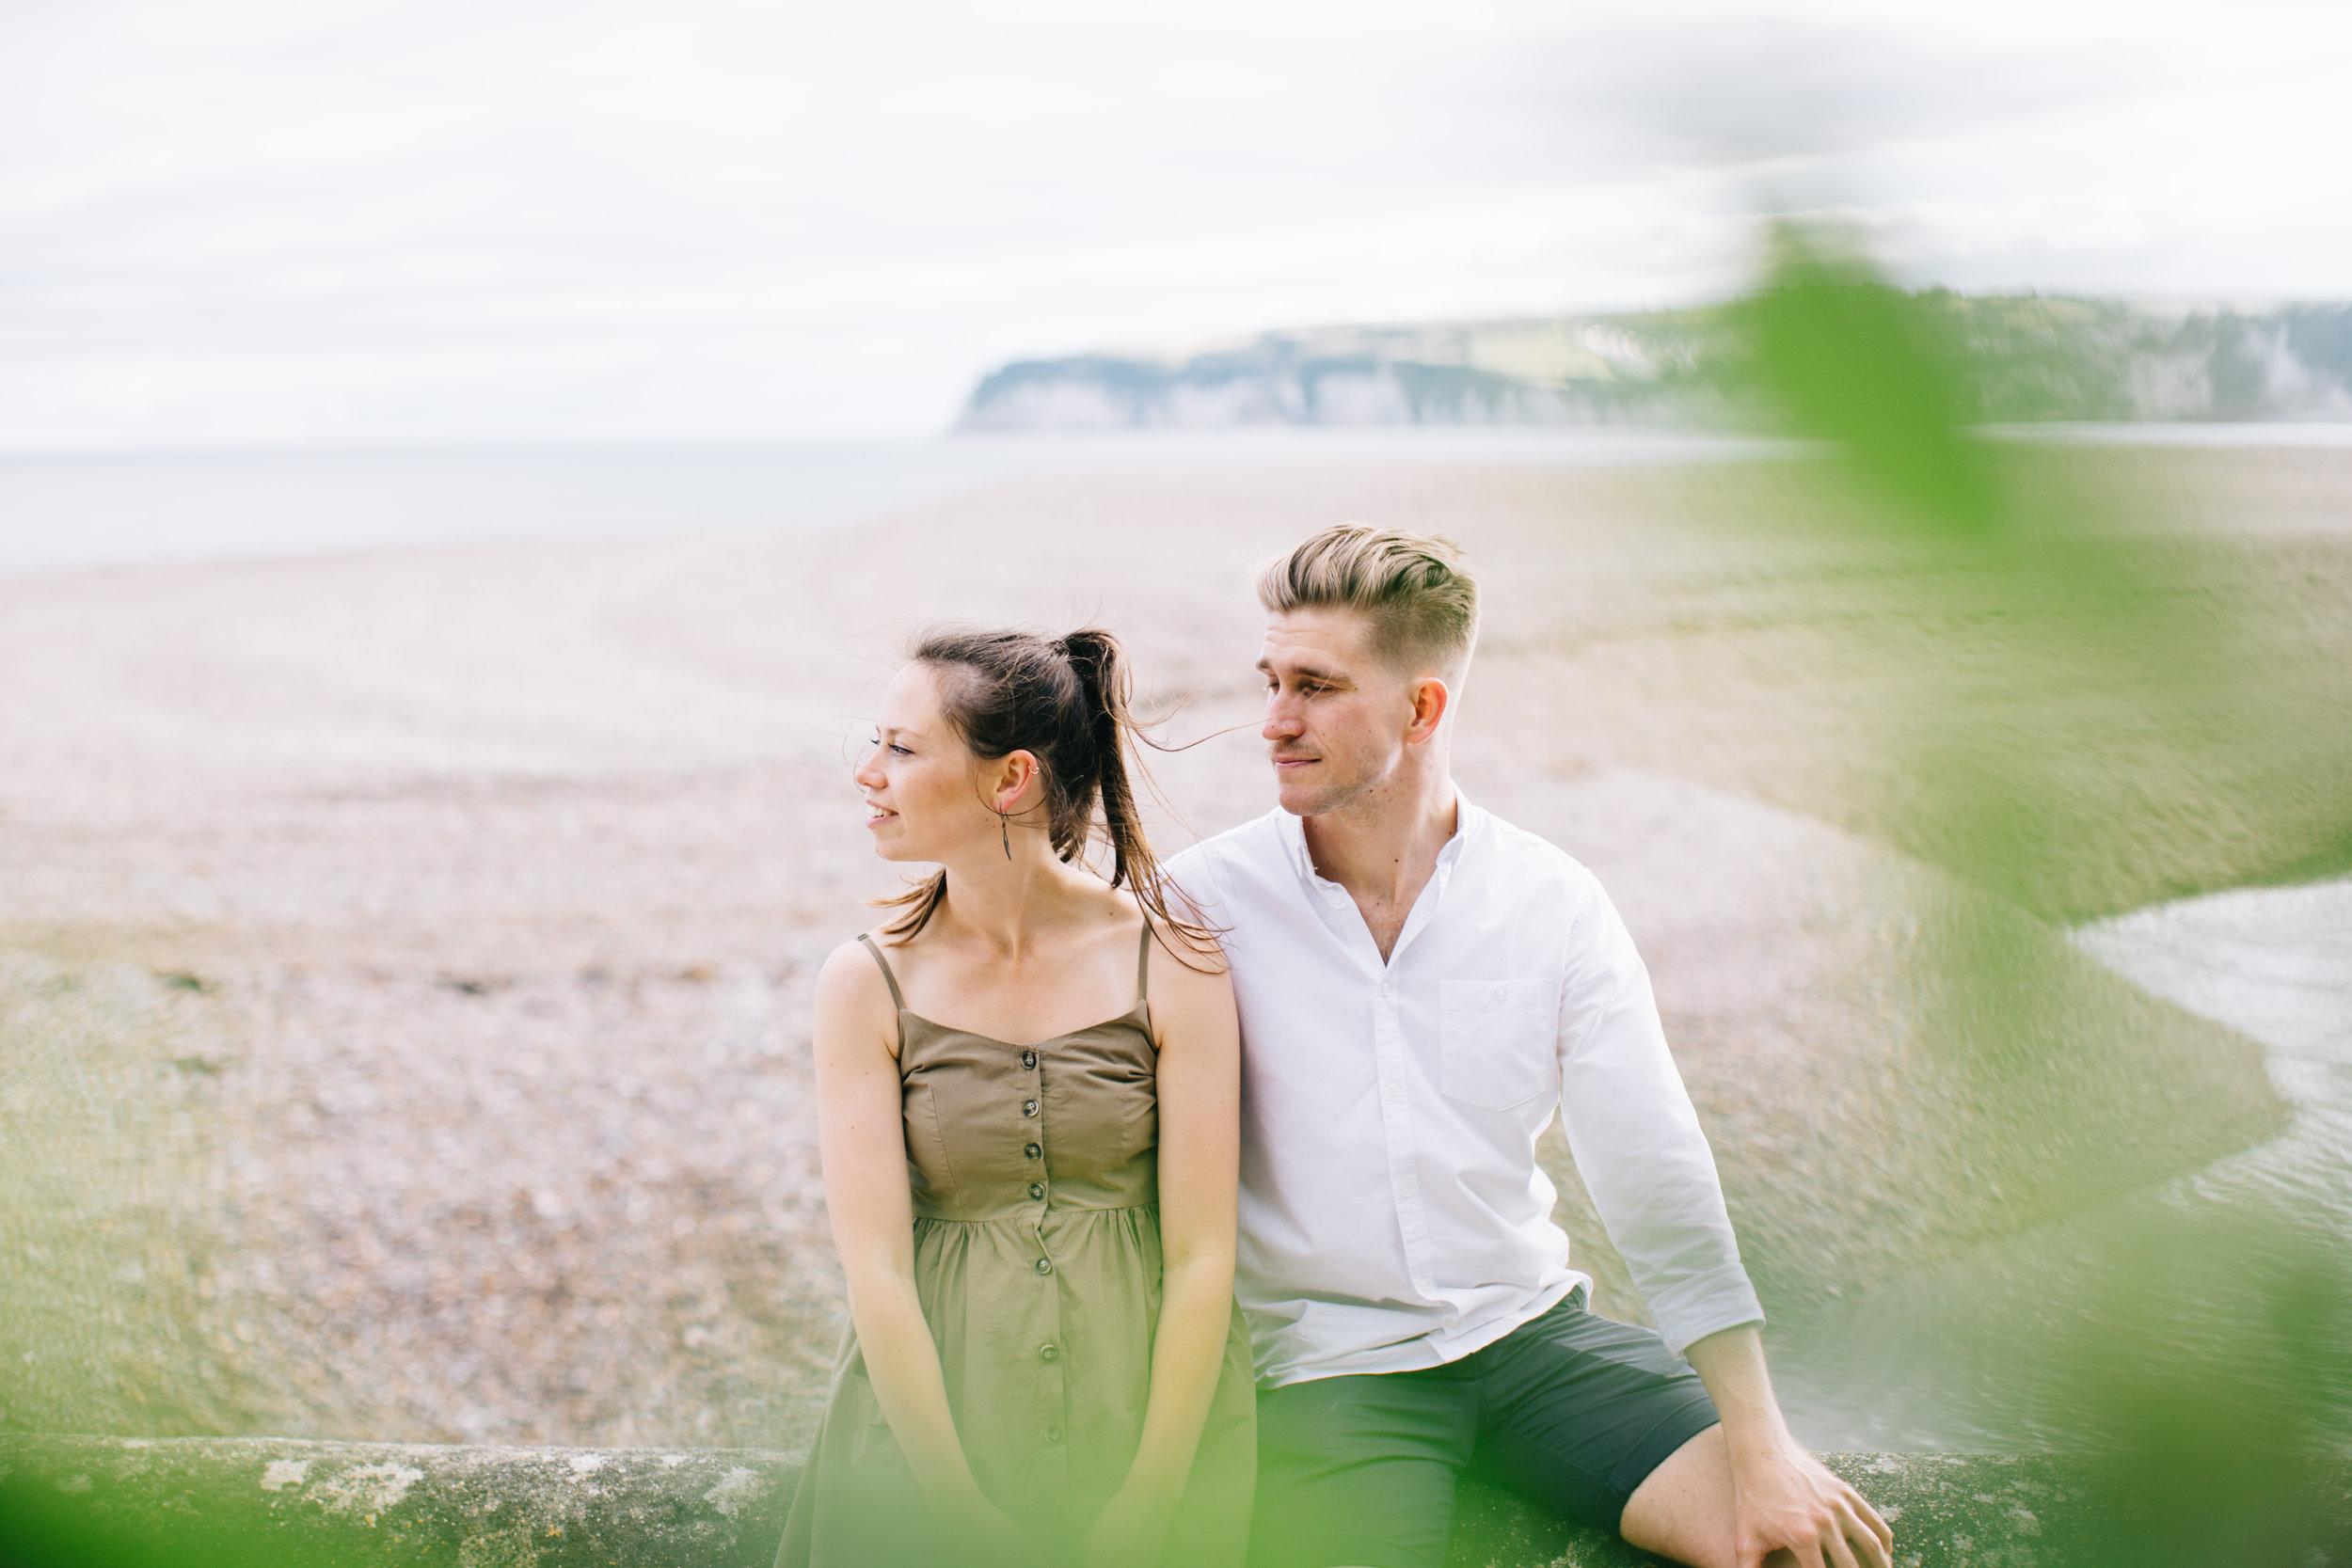 seaside-photoshoot